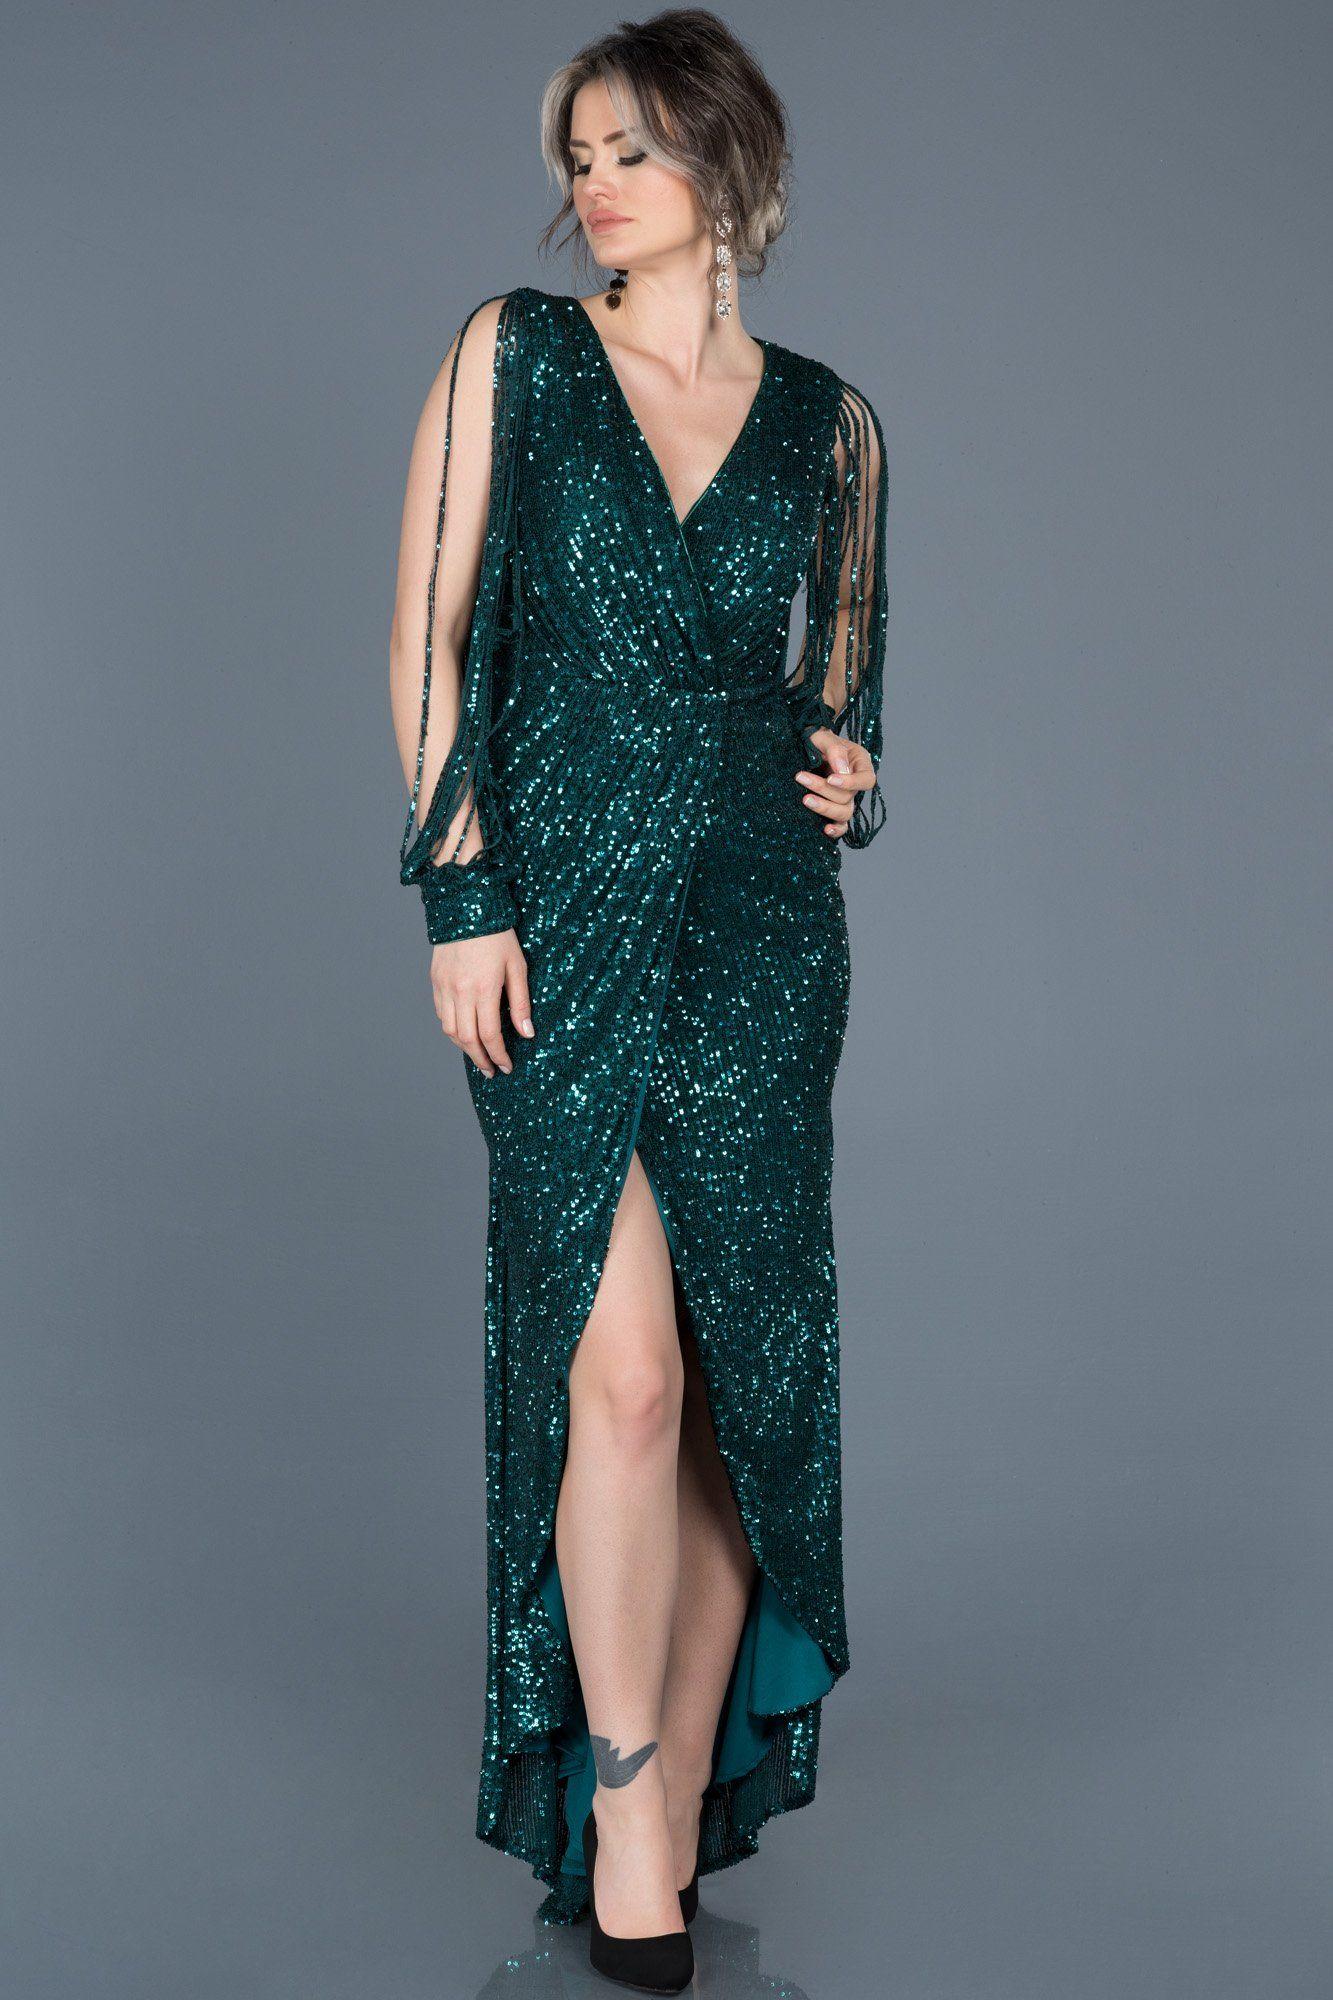 Yesil Payetli V Yaka Yirtmacli Elbise Abo015 Aksamustu Giysileri Moda Stilleri Ve The Dress